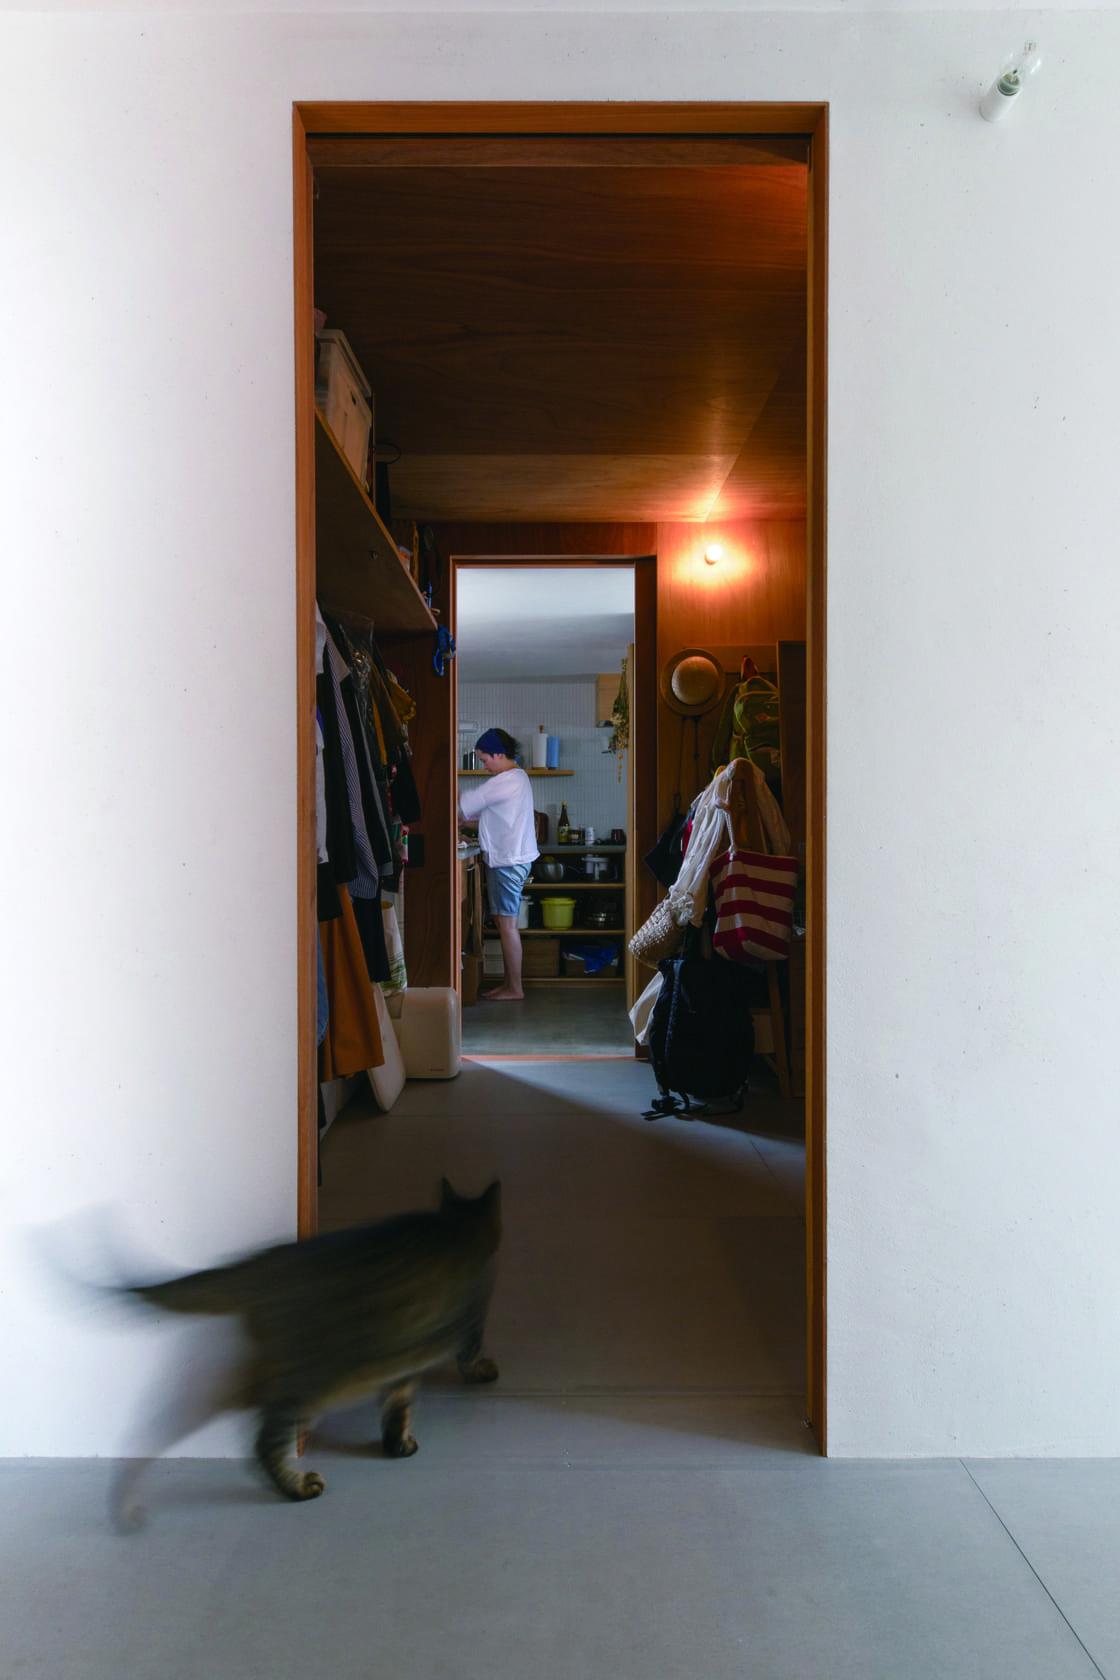 建杜 KENT(大栄工業)【デザイン住宅、自然素材、建築家】キッチンと水回りをつなぐ動線上に、ウォークインクローゼットを。衣類収納を一か所で完結でき、家事も便利